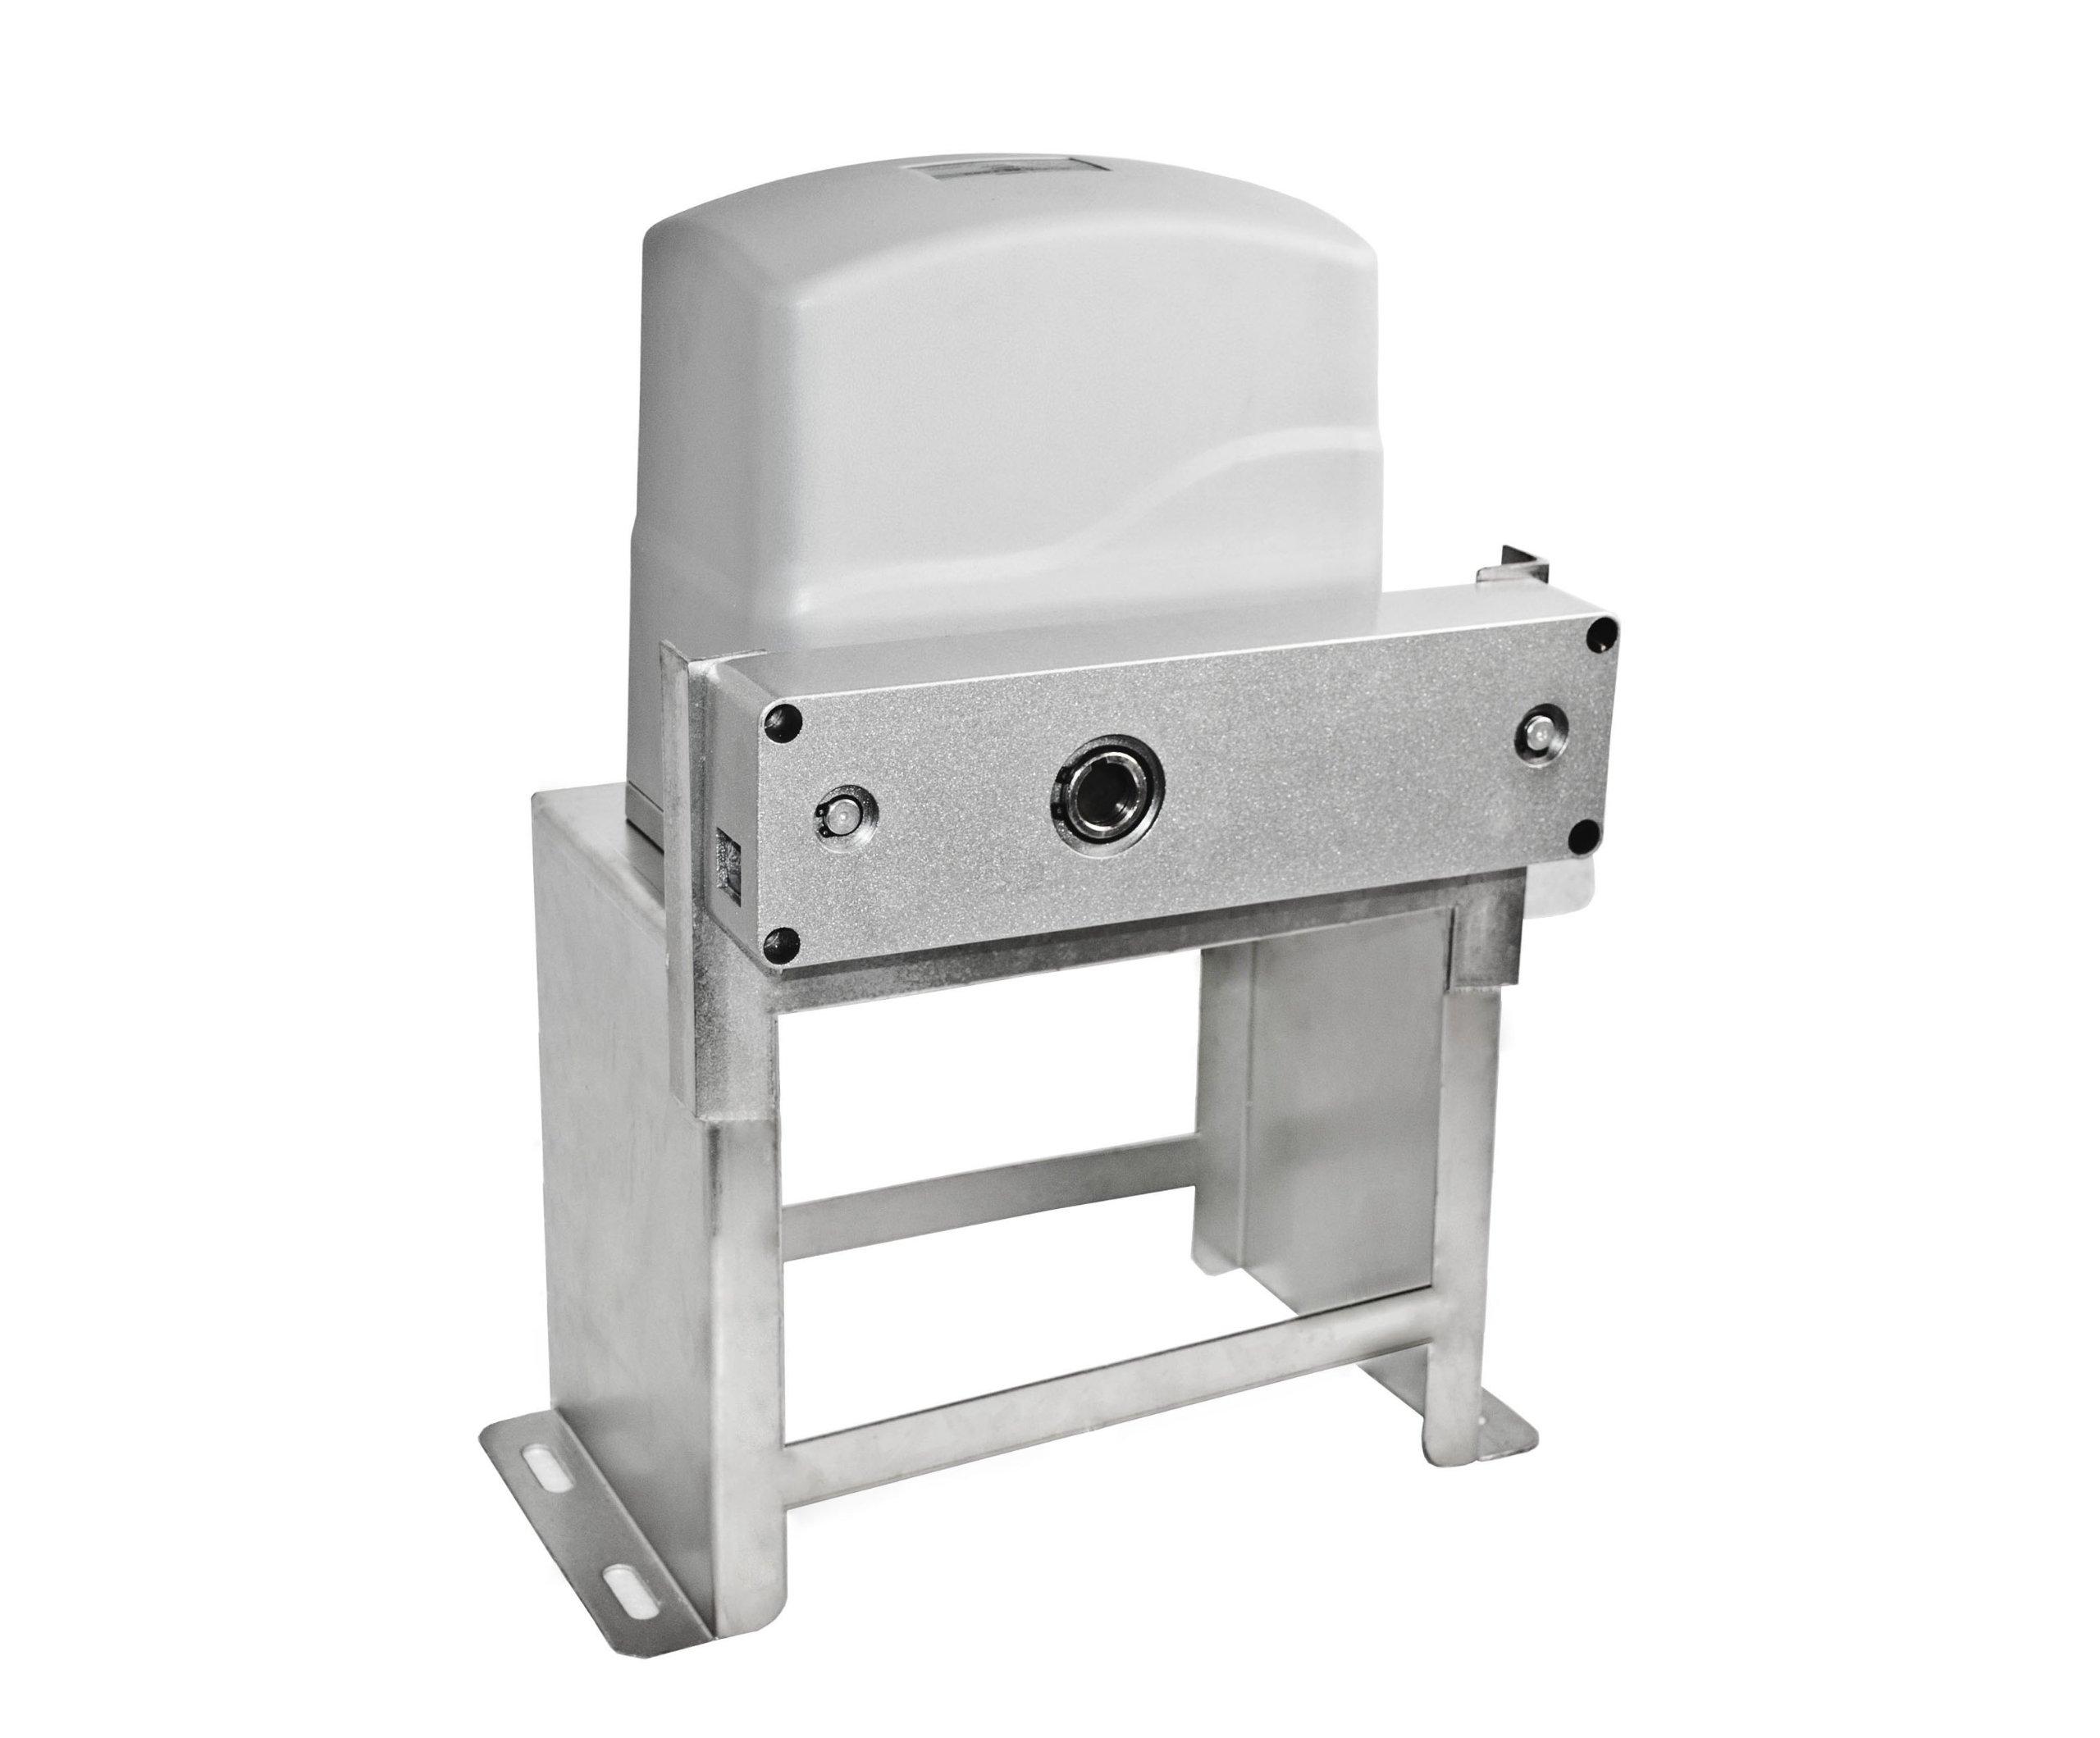 ALEKO AC1500 Sliding Gate Opener Slide Gate Operator Motor